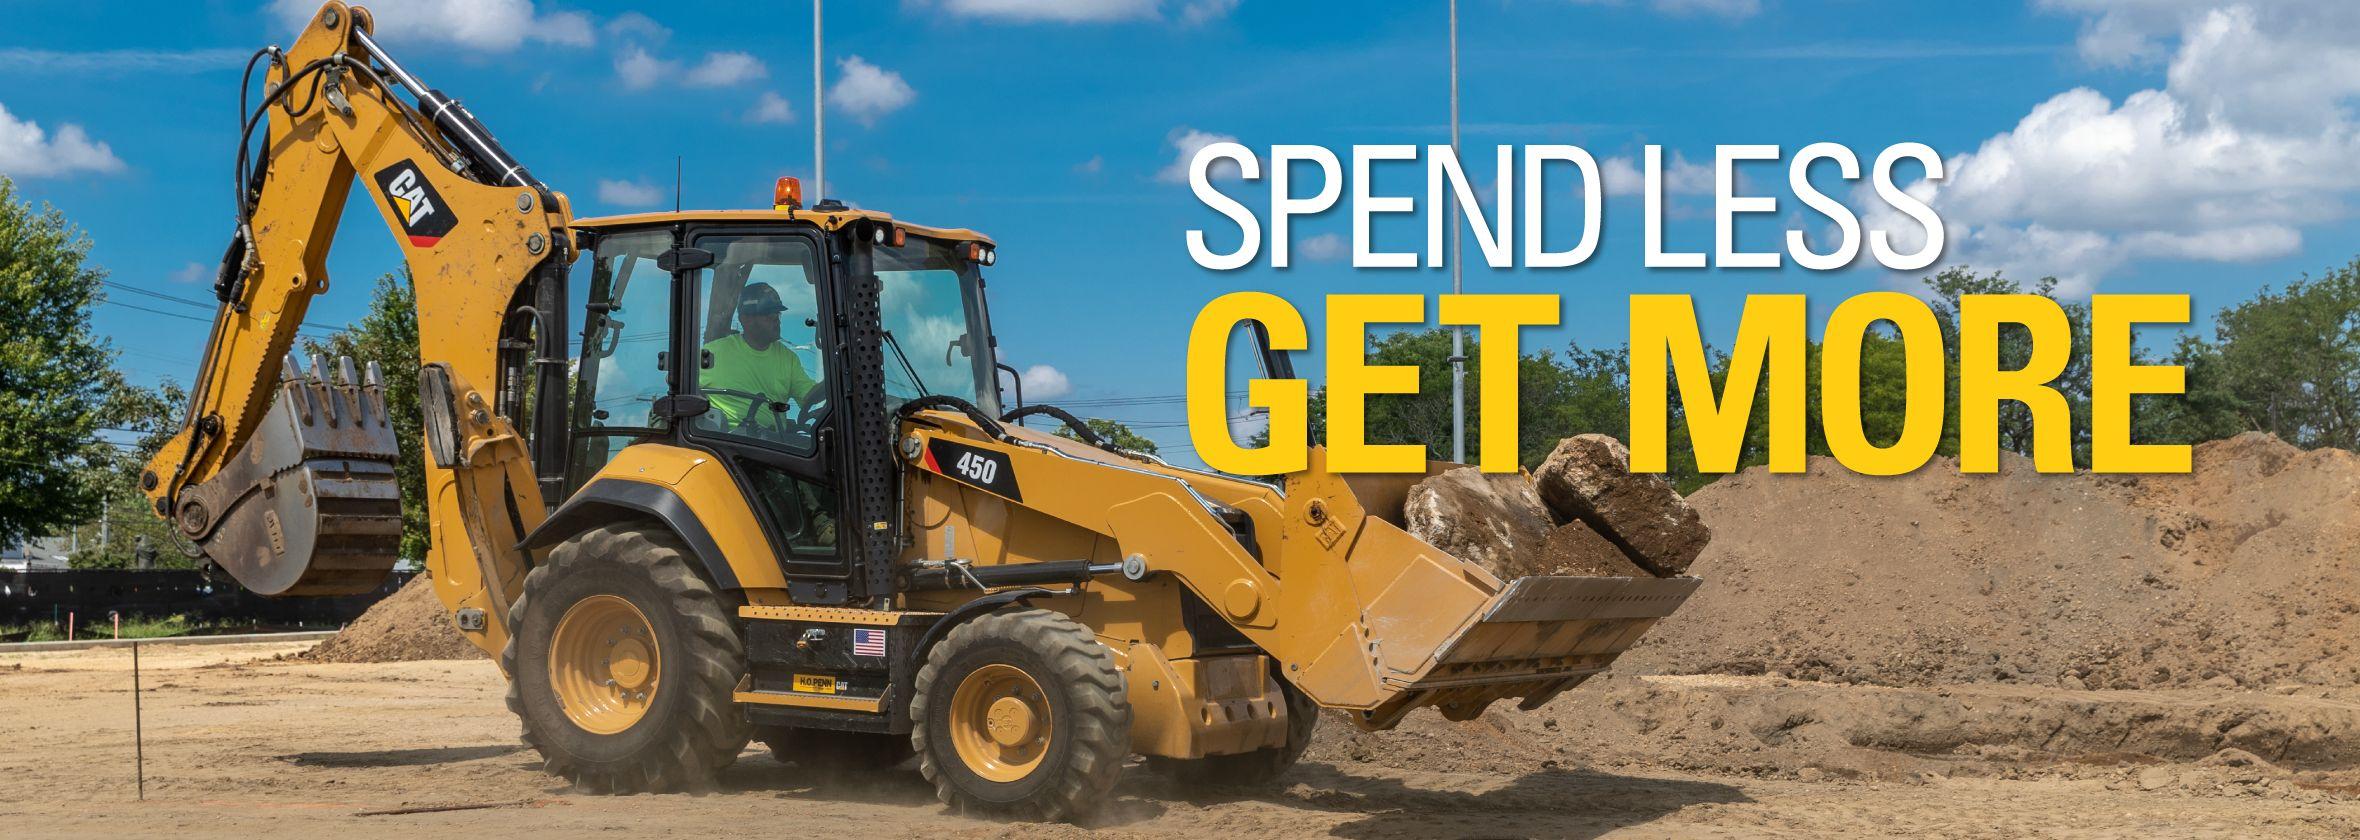 Backhoe Loader - Special Offer - Spend Less. Get More.